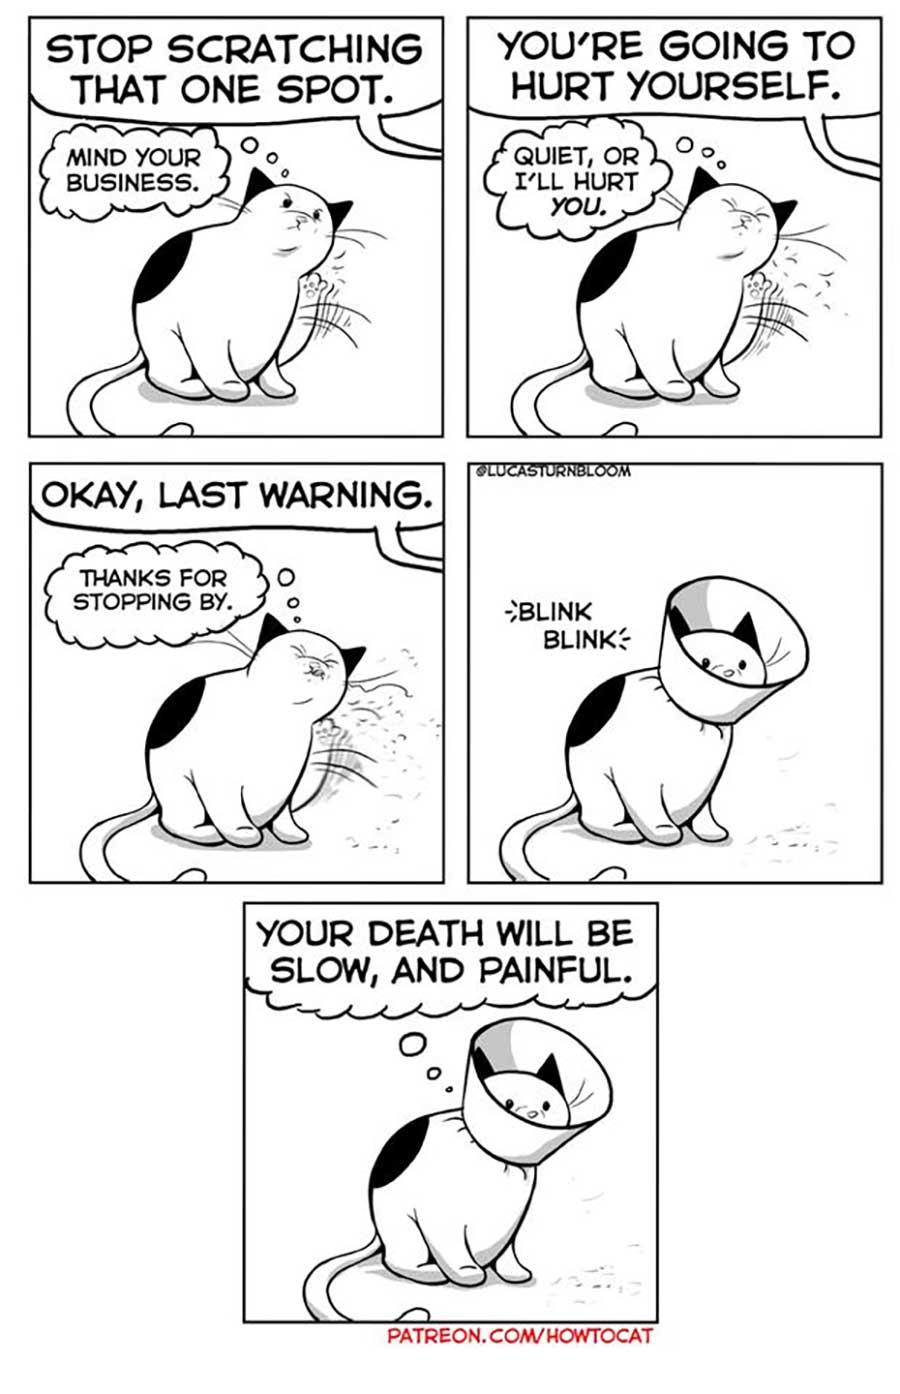 Das Leben mit einer Katze im Comic how-to-cat-Lucas-Turnbloom_10